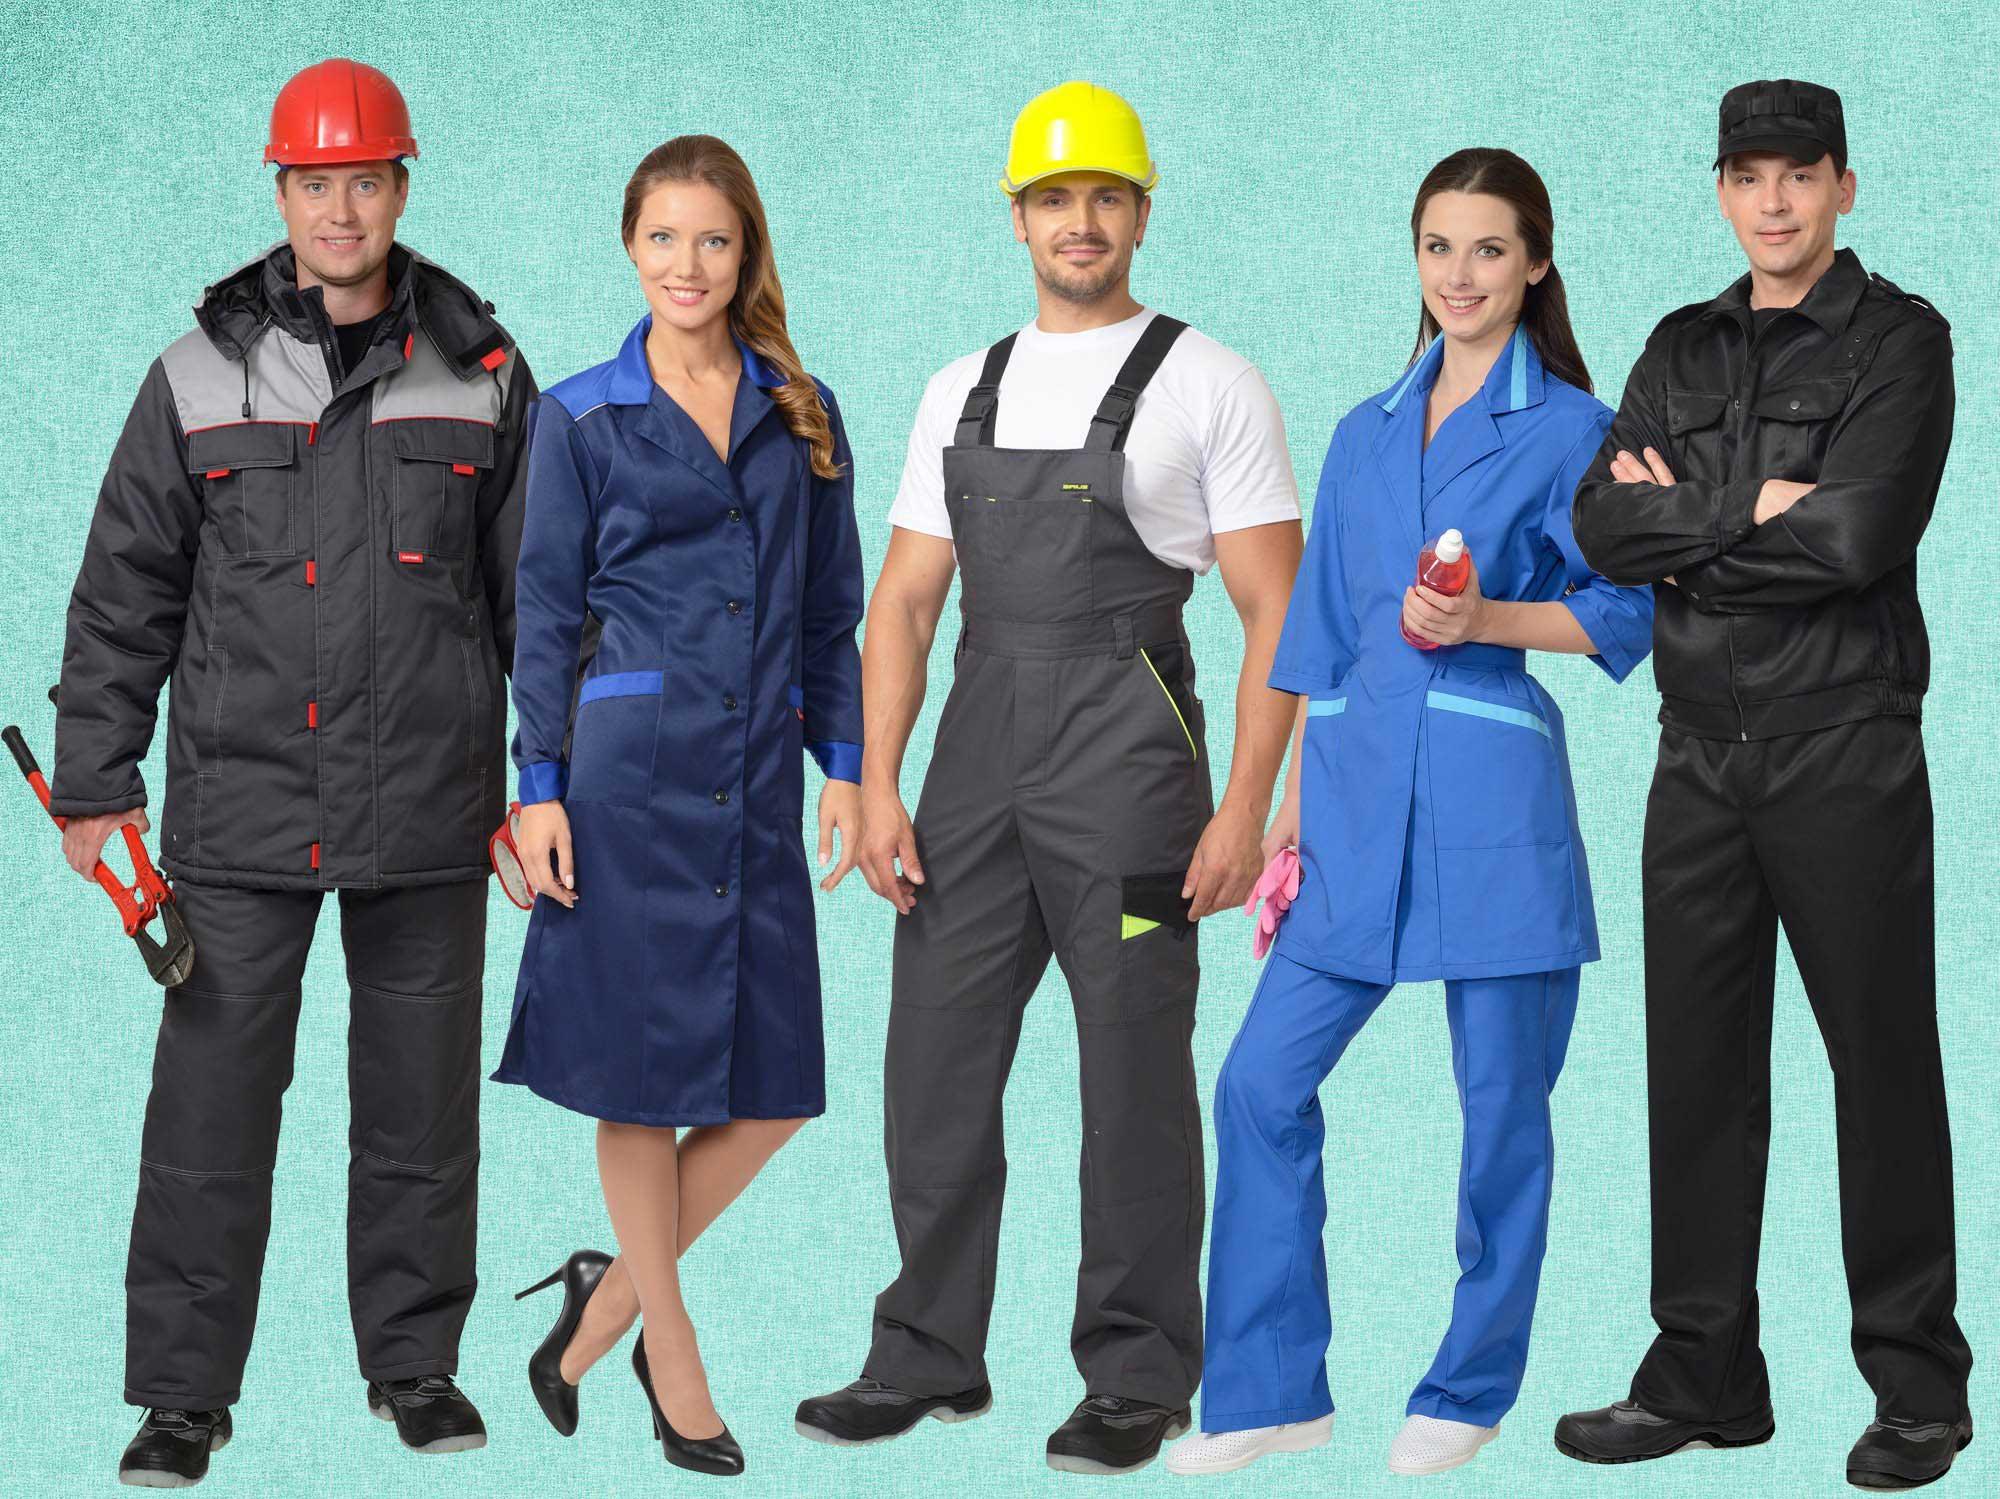 Особенности выбора и производства спецодежды для работников.